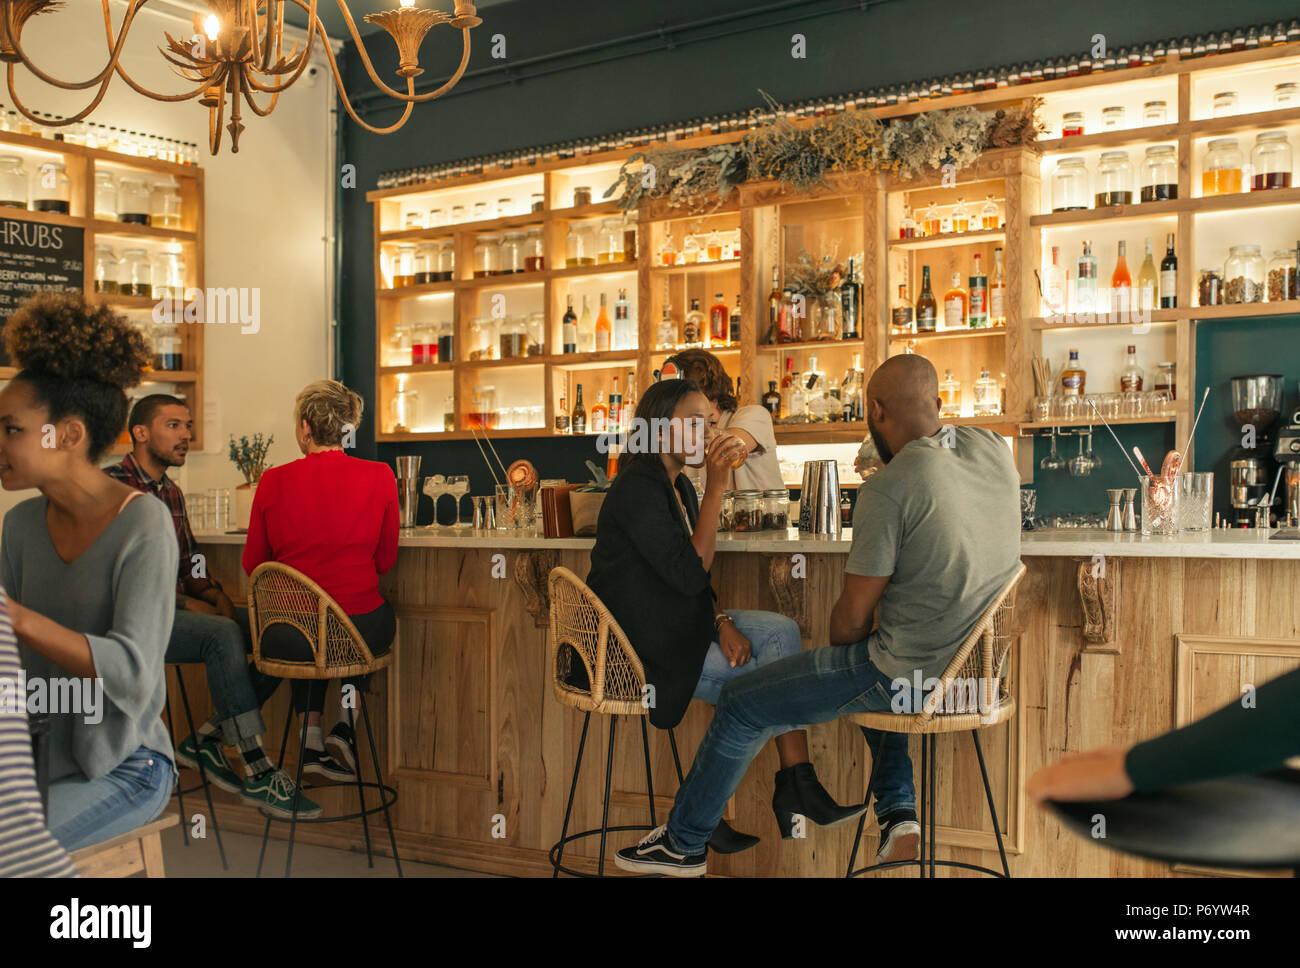 Junge afrikanische amerikanische Paar Getränke zusammen in einer Bar Stockbild